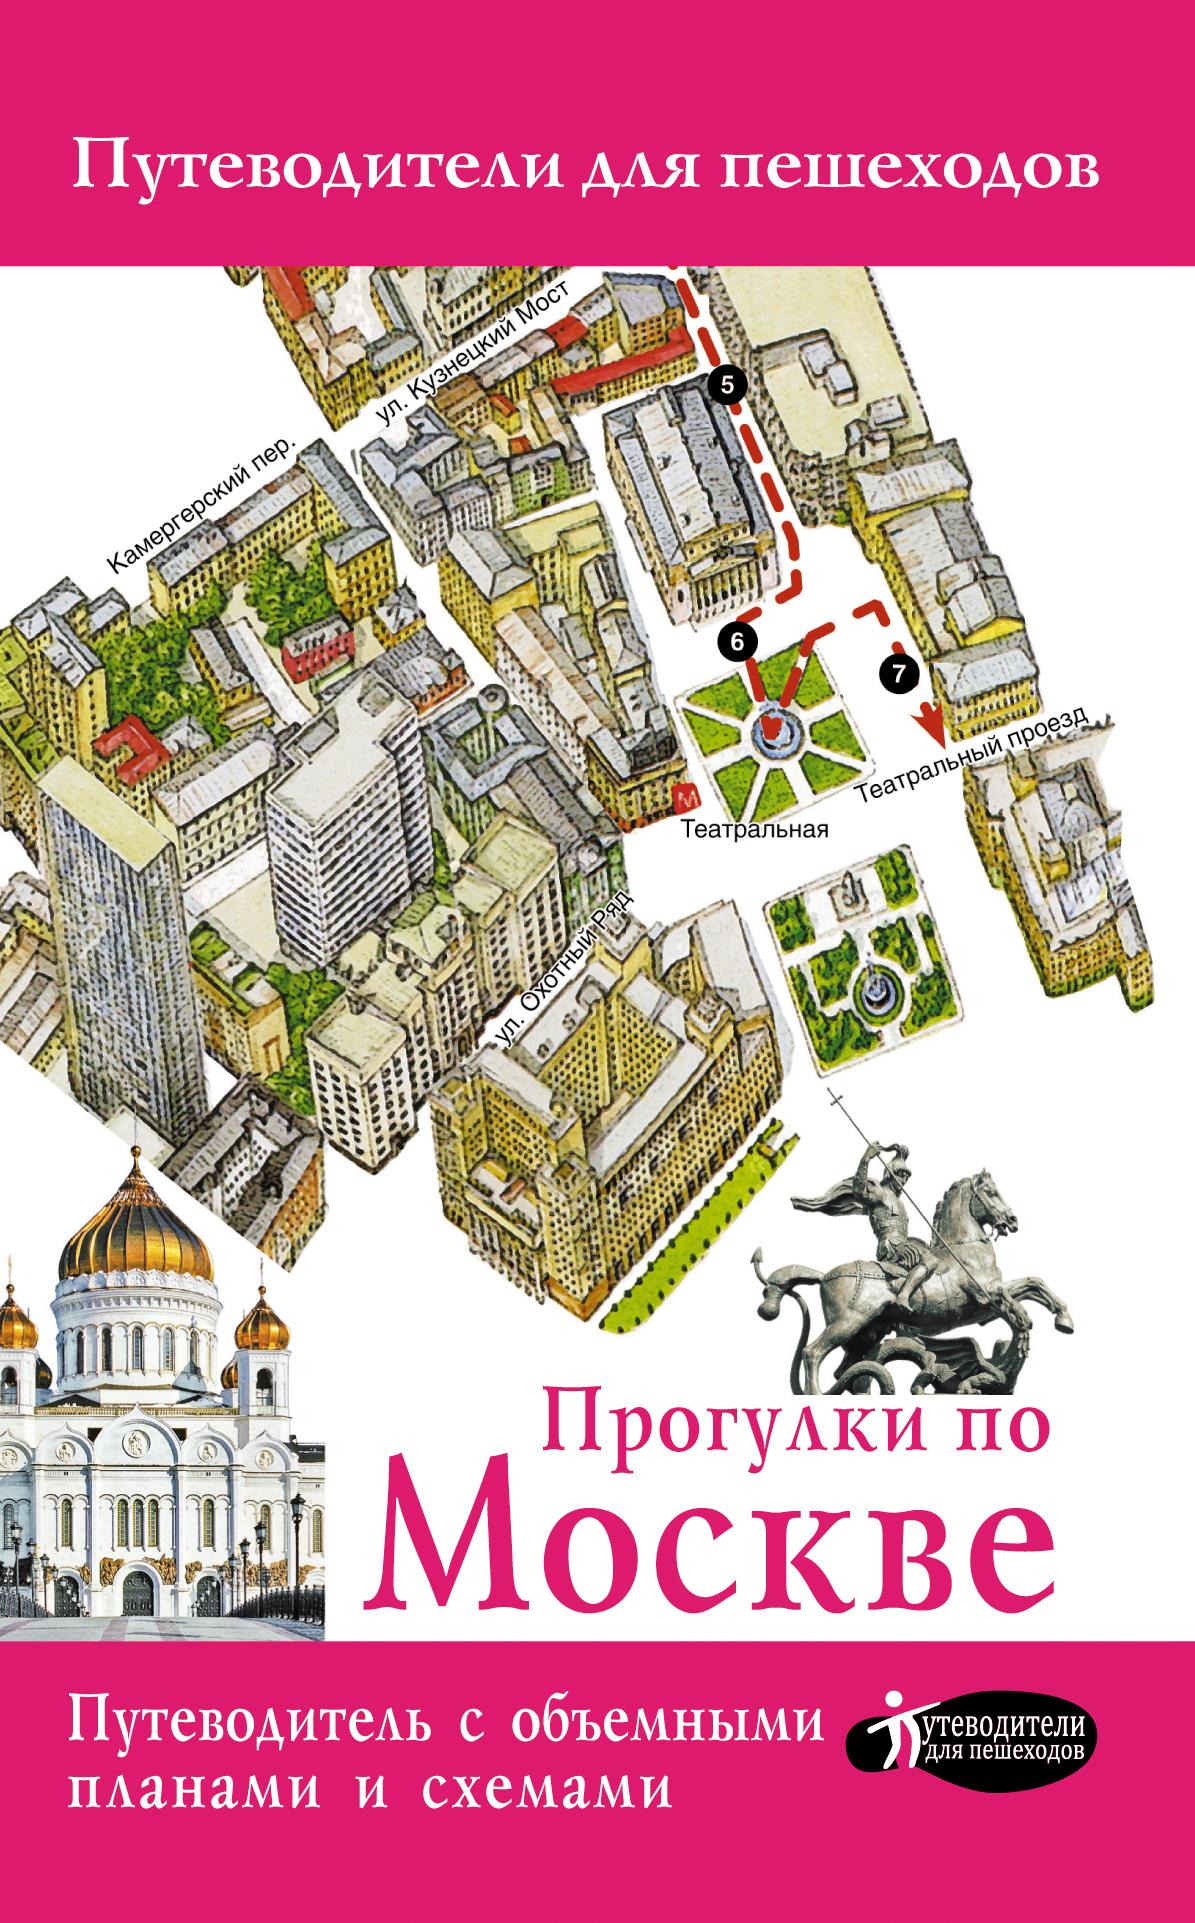 Сингаевский В.Н. Прогулки по Москве ISBN: 978-5-17-098250-9